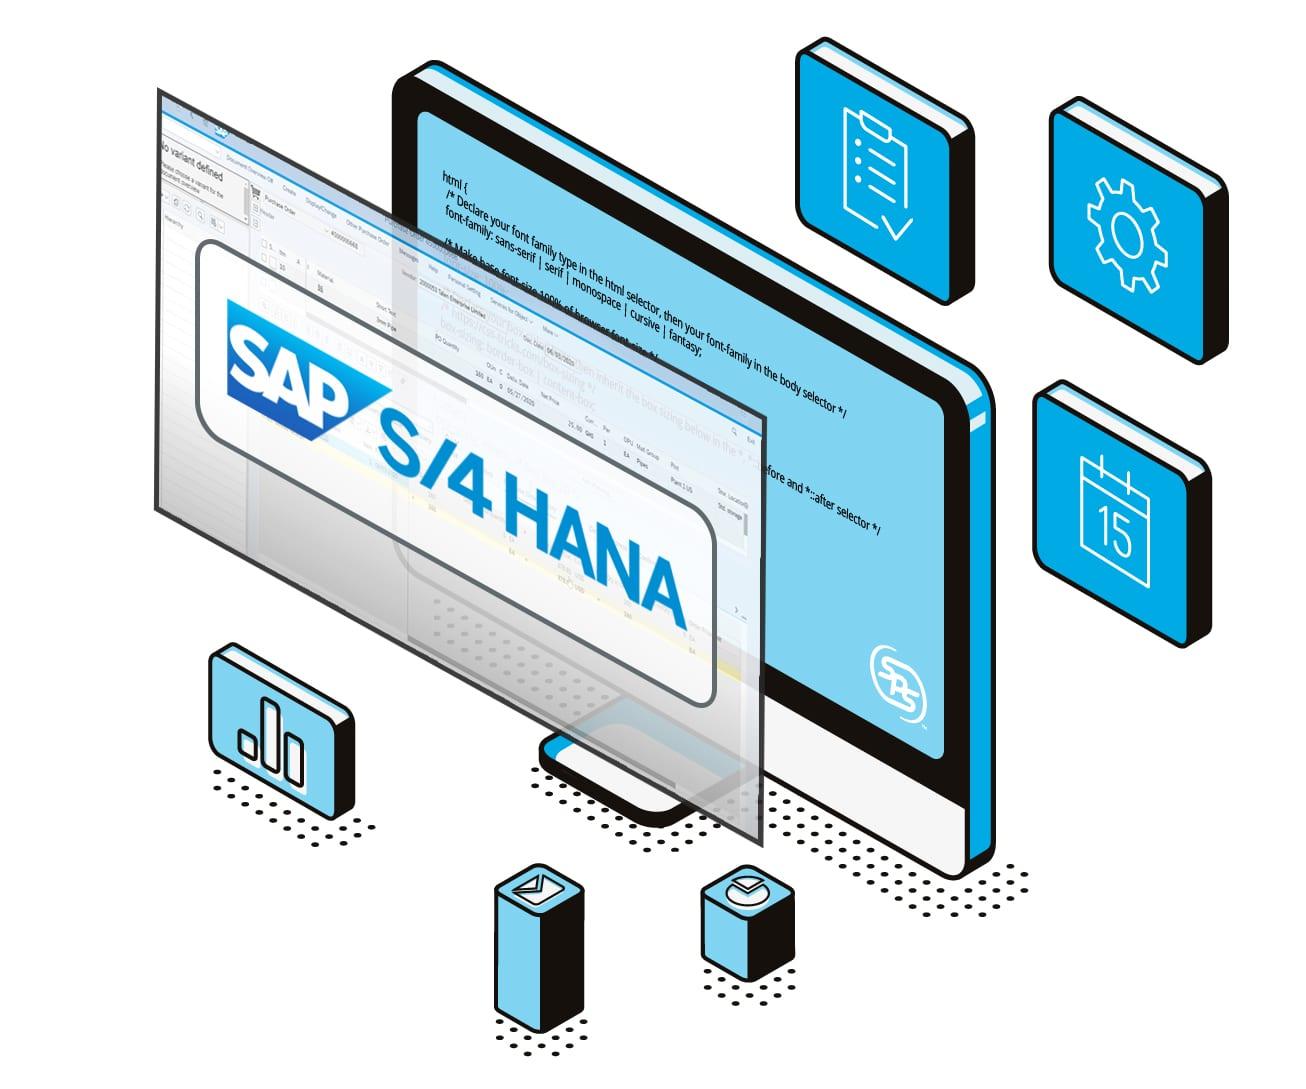 SAP S/4 Hana EDI integration from SPS Commerce